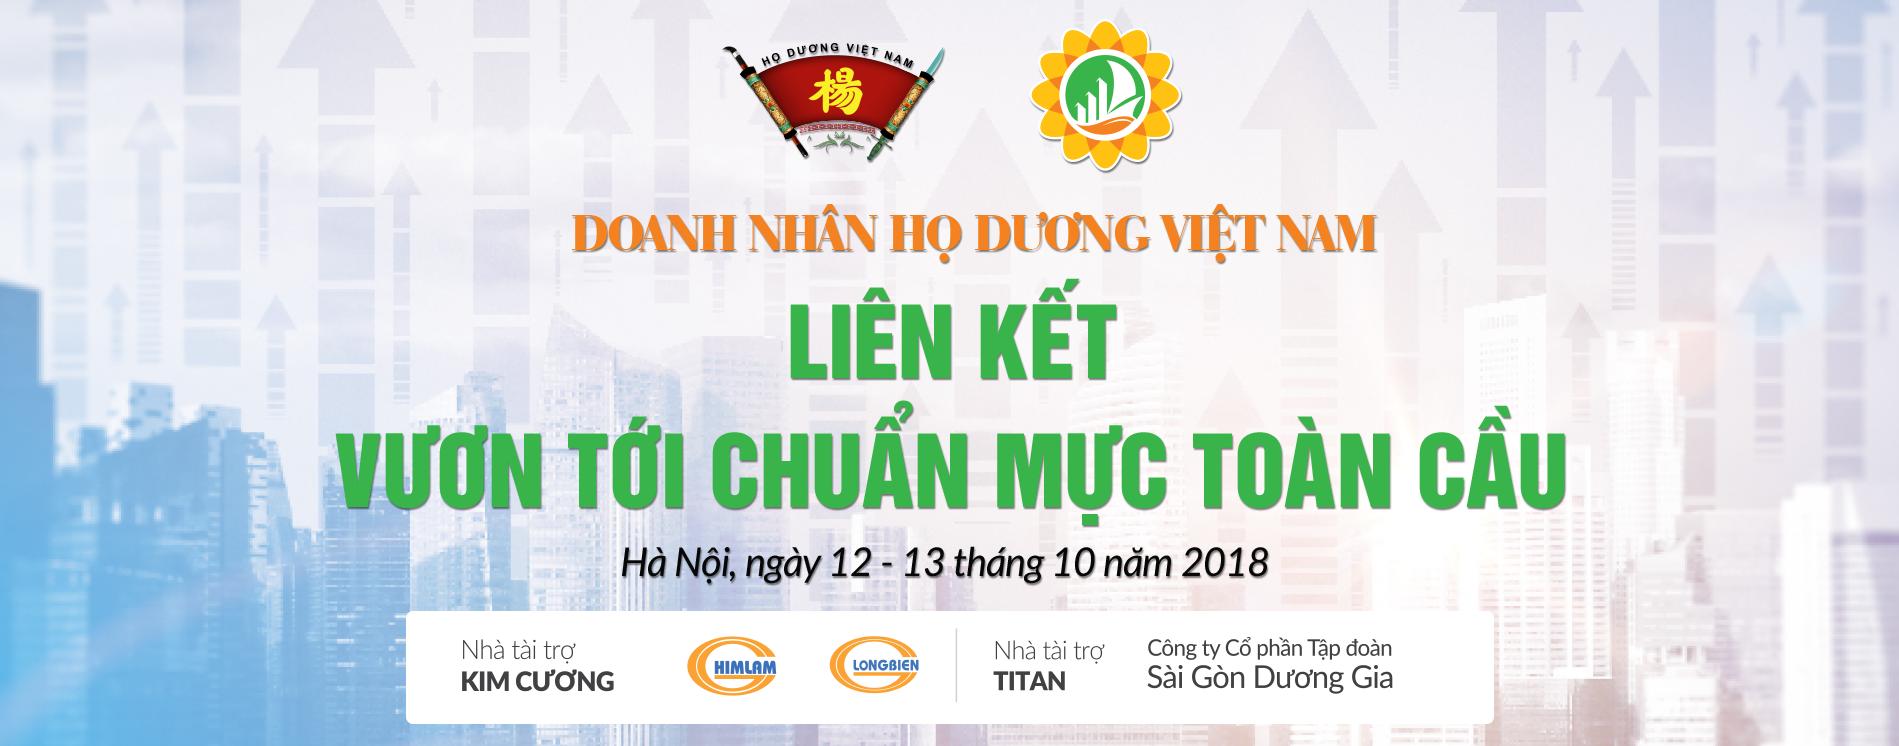 http://hoduongvietnam.com.vn/uploads/images/1537264383.png